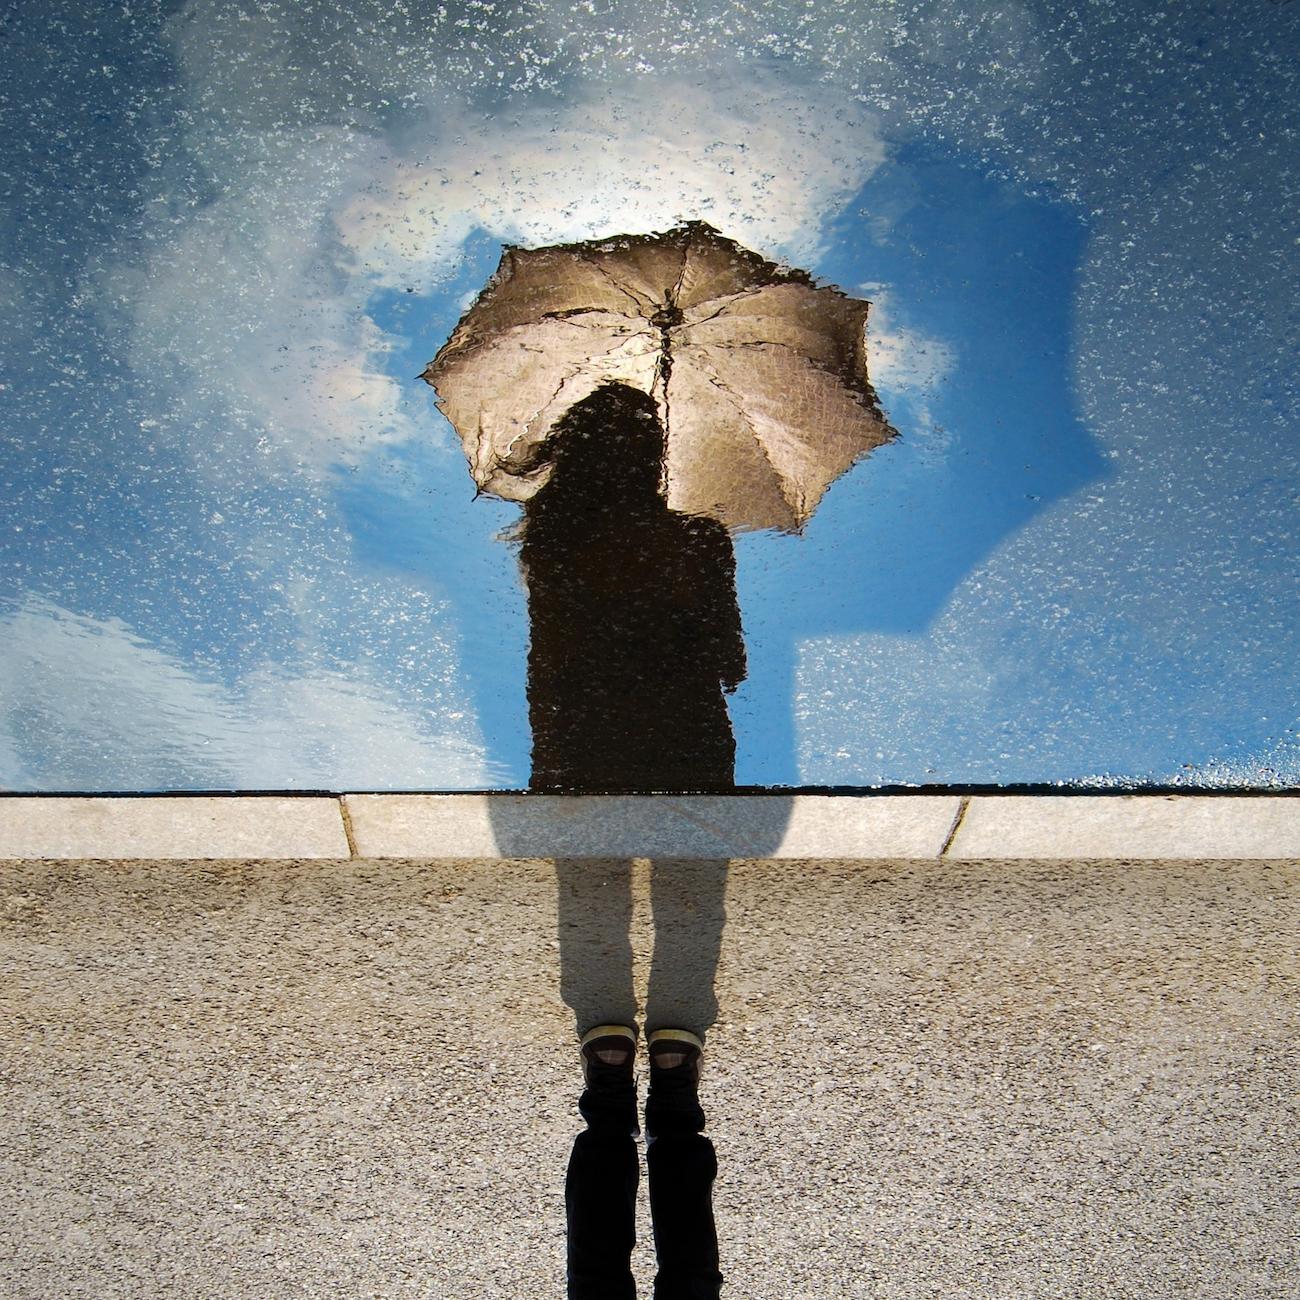 Frau mit Regenschirm vor blauem Himmel mit Wolken